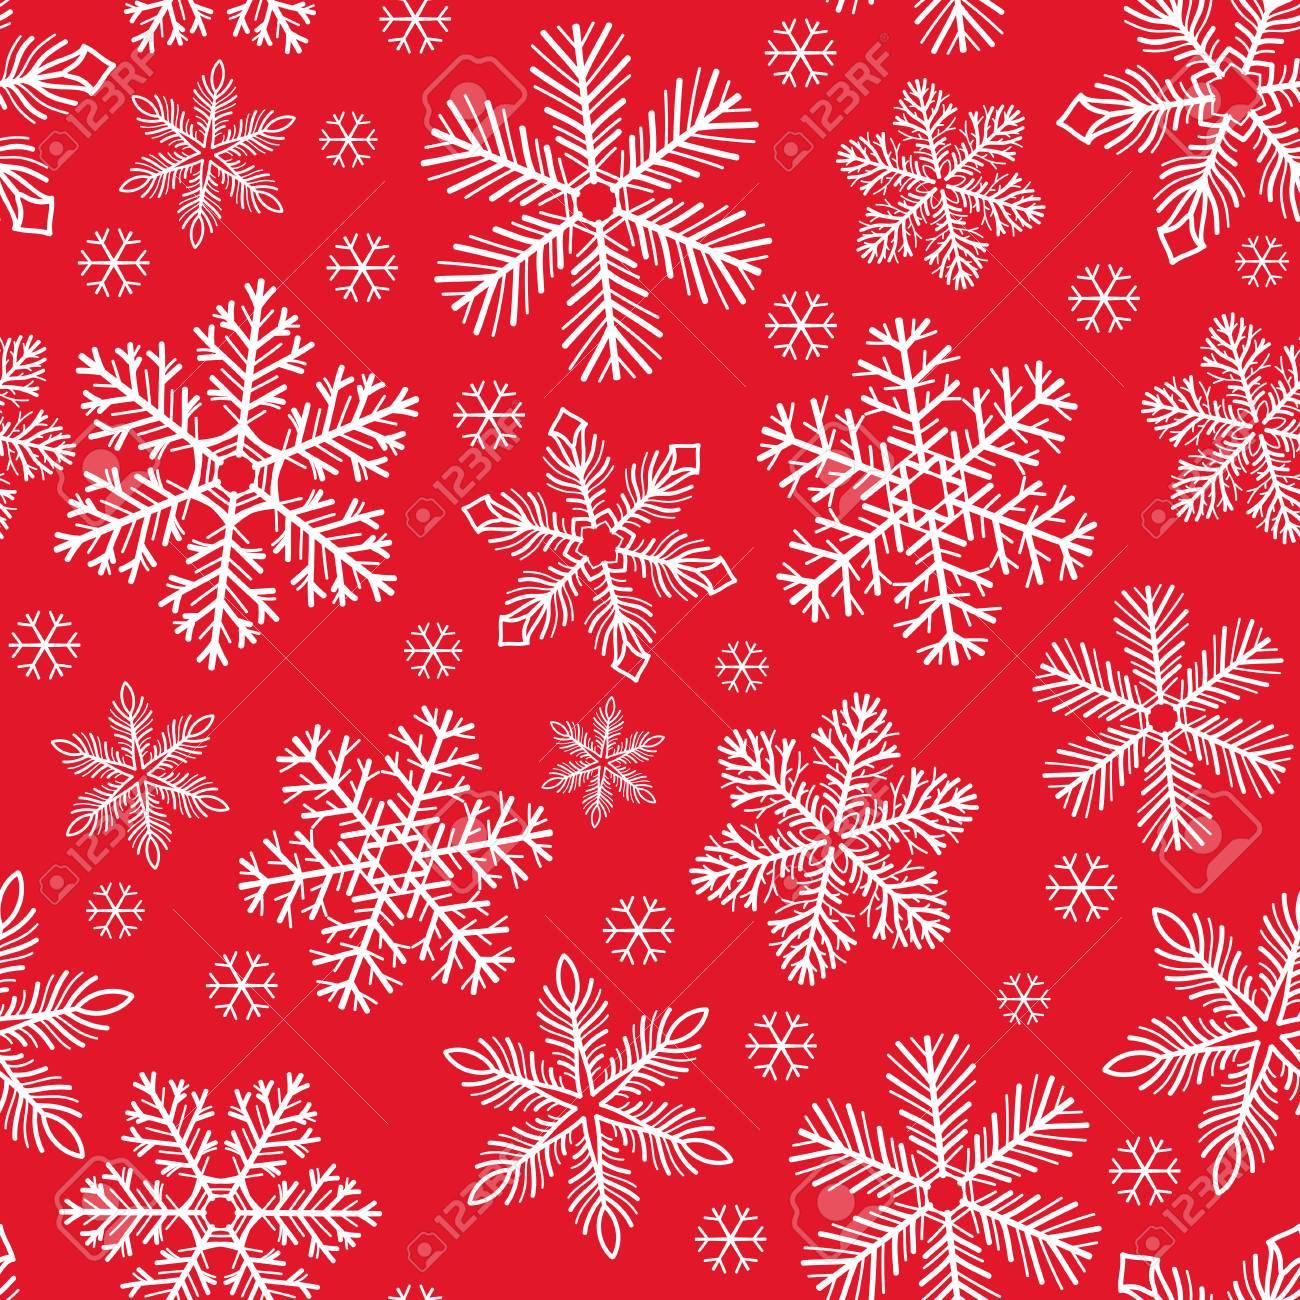 accessoire de No\u00ebl Sac \u00e0 vin r\u00e9utilisable en tissu pr\u00e9sent d/'anniversaire Flocons de neige blancs sur fond rouge emballage \u00e9cologique